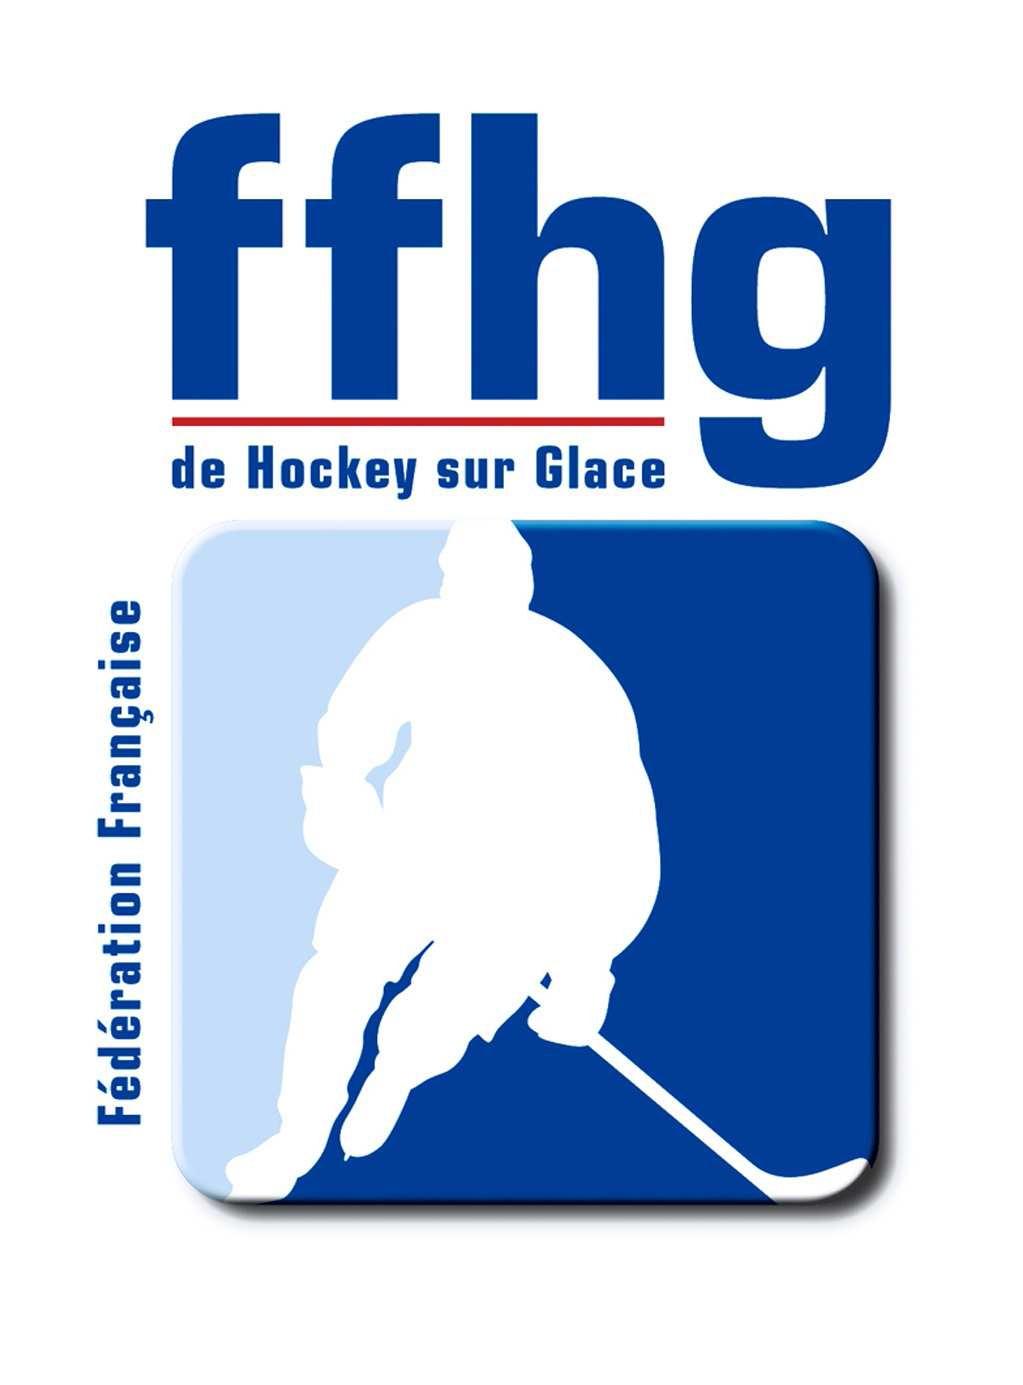 FFHG-logo